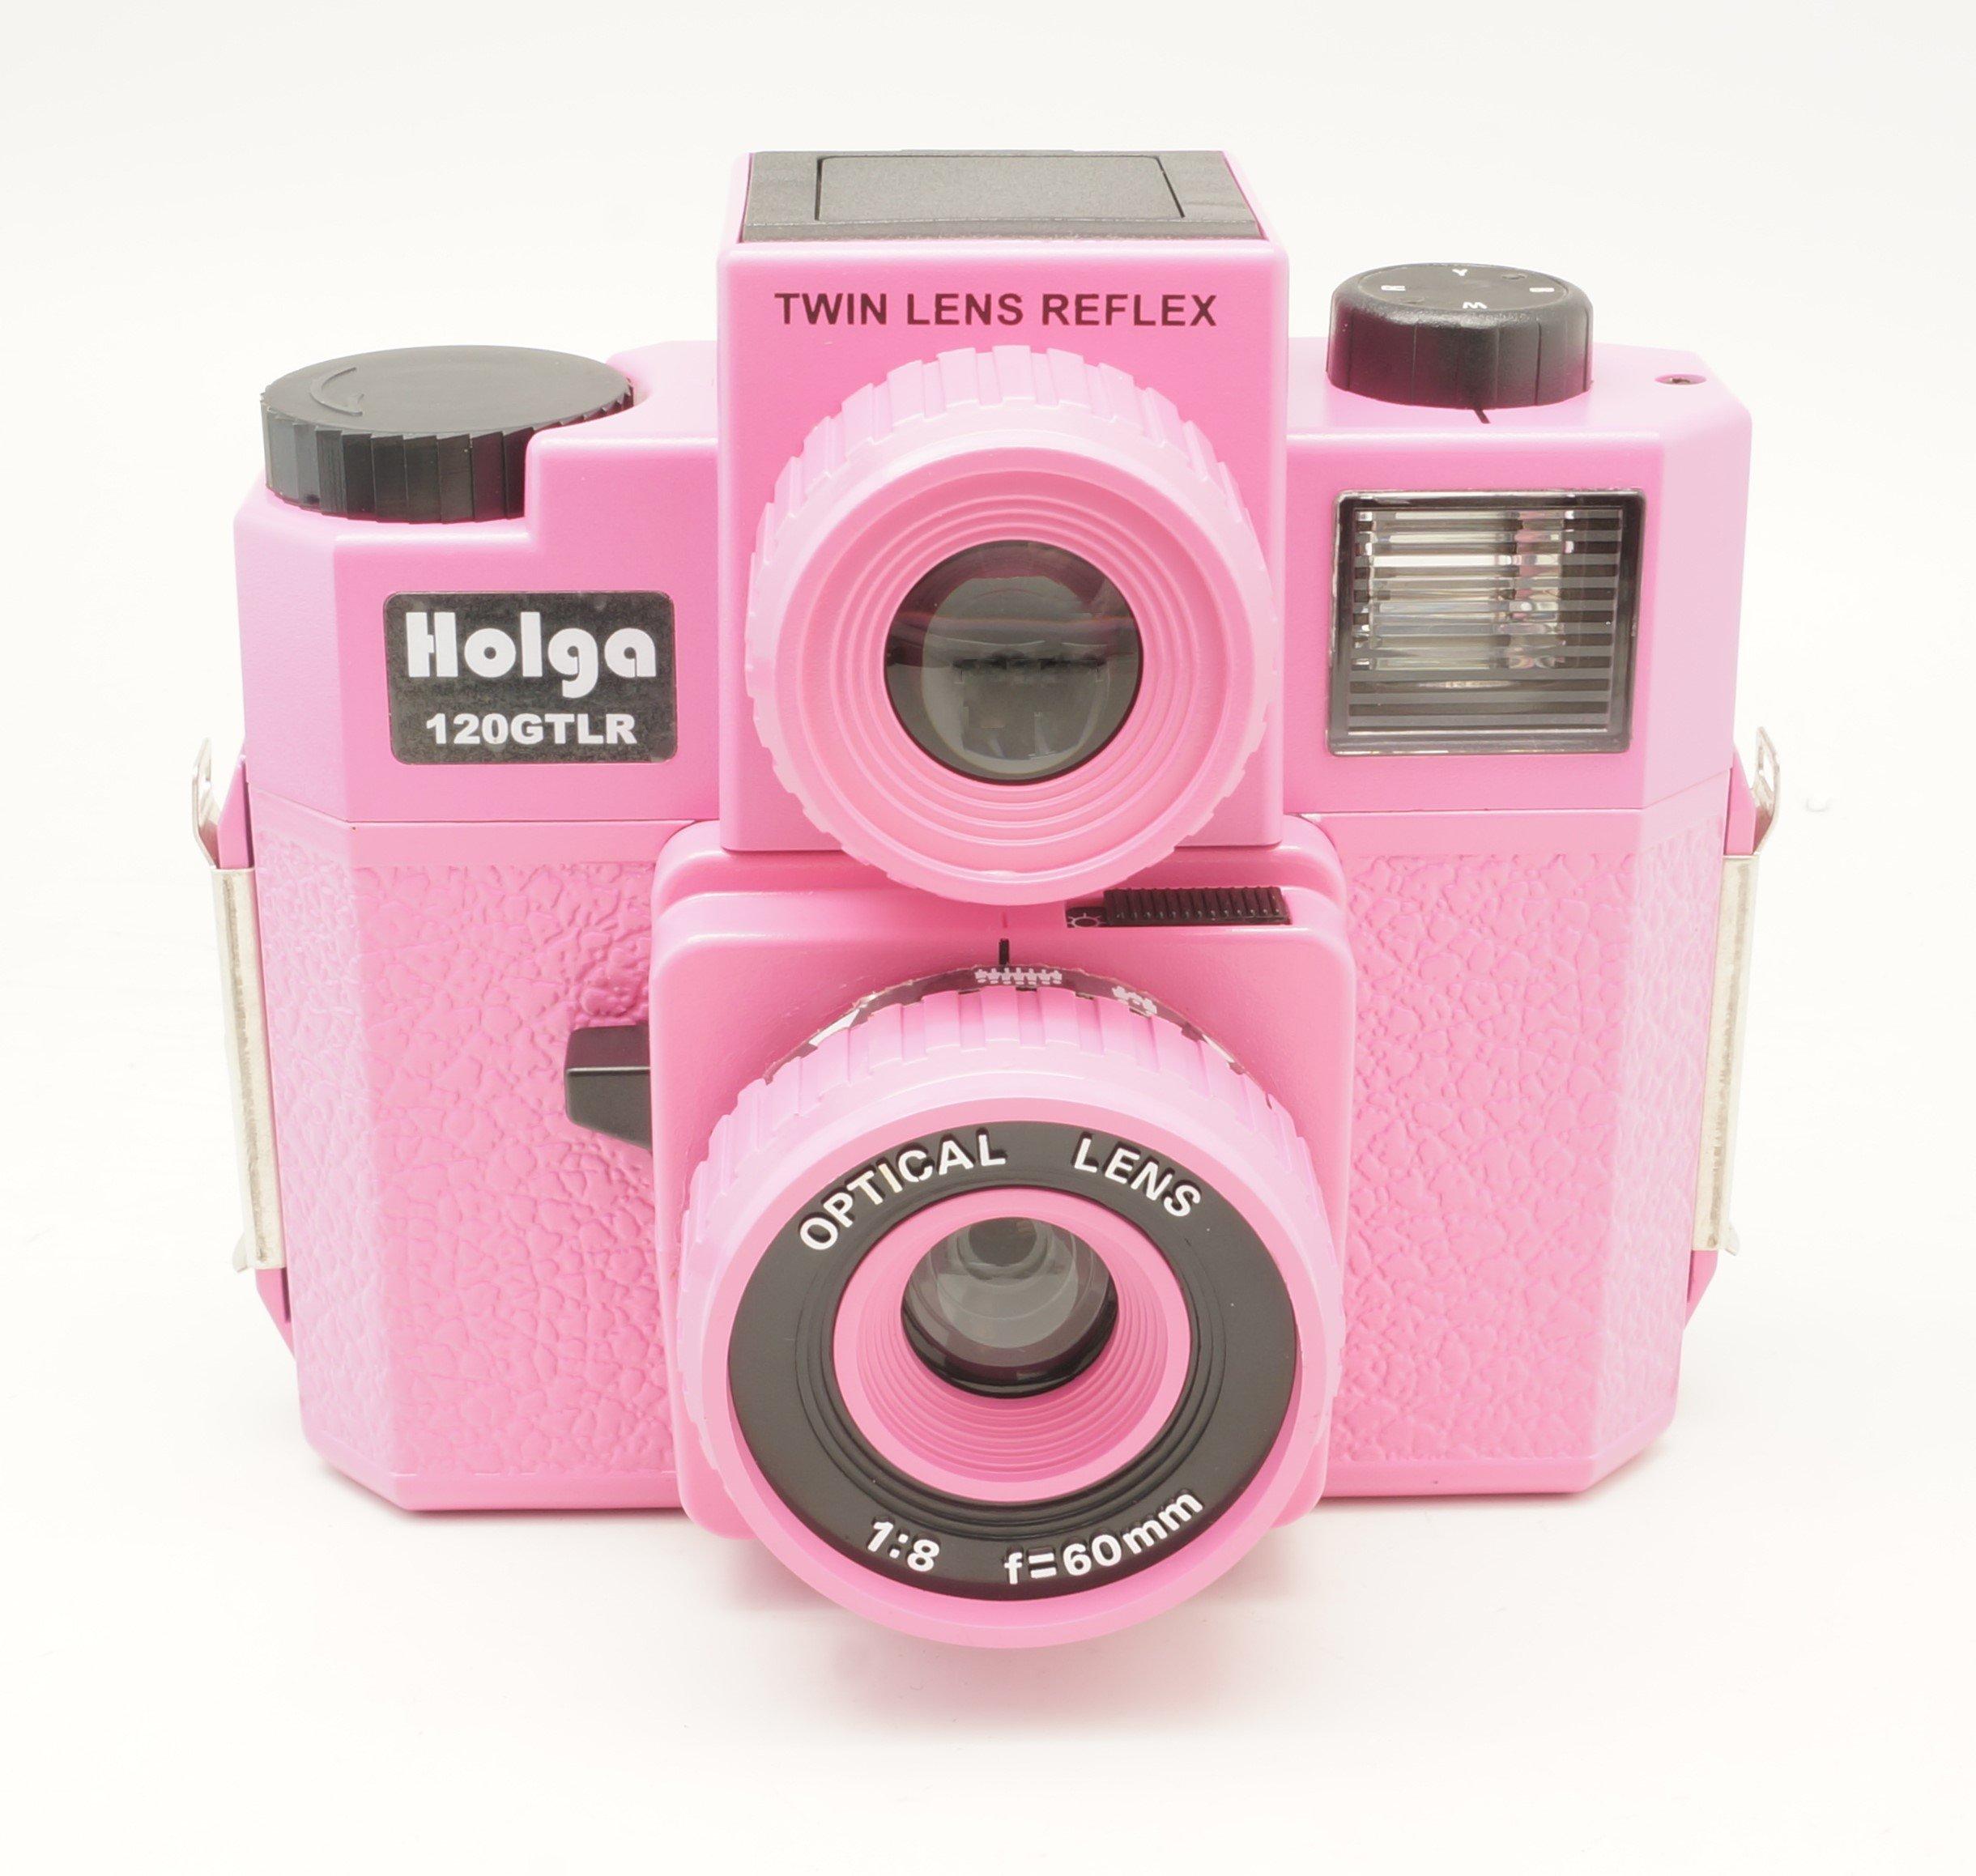 Holga 120GTLR Pink Medium Format 120 Film Camera Twin Lens Reflex (discontinued) by Holga